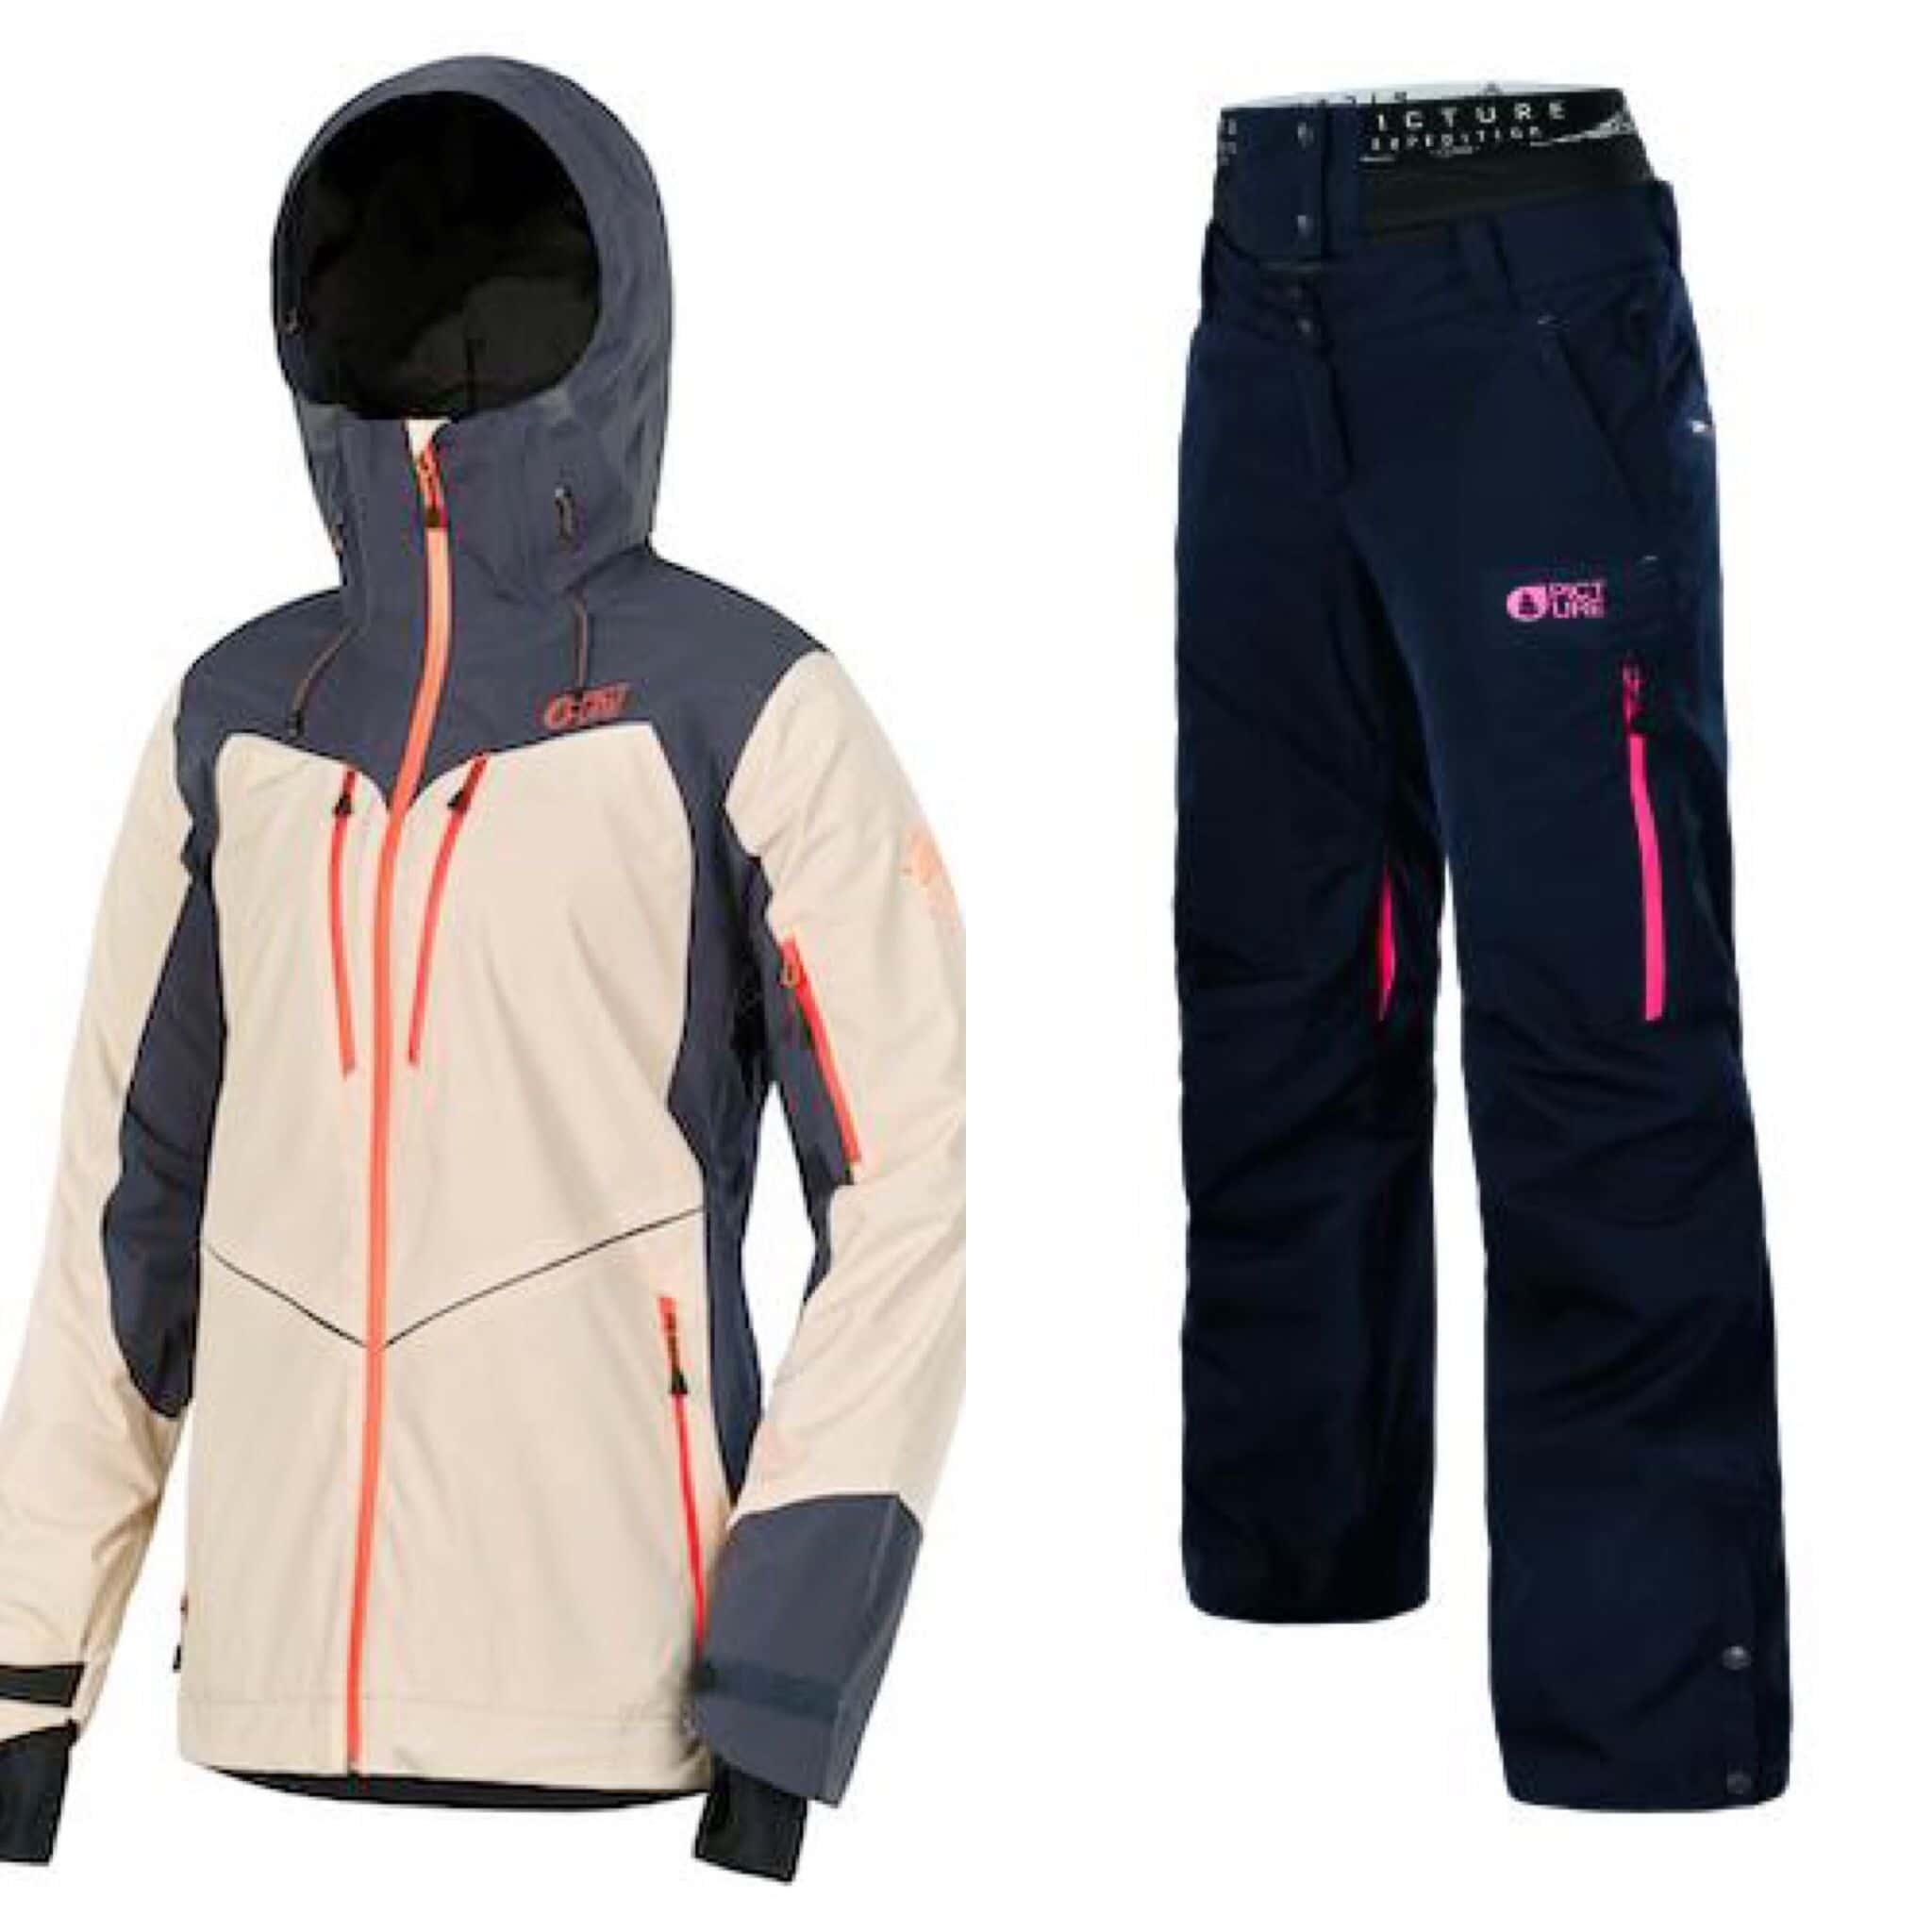 Lee más sobre el artículo Nuevas prendas de la marca Picture para esquiar